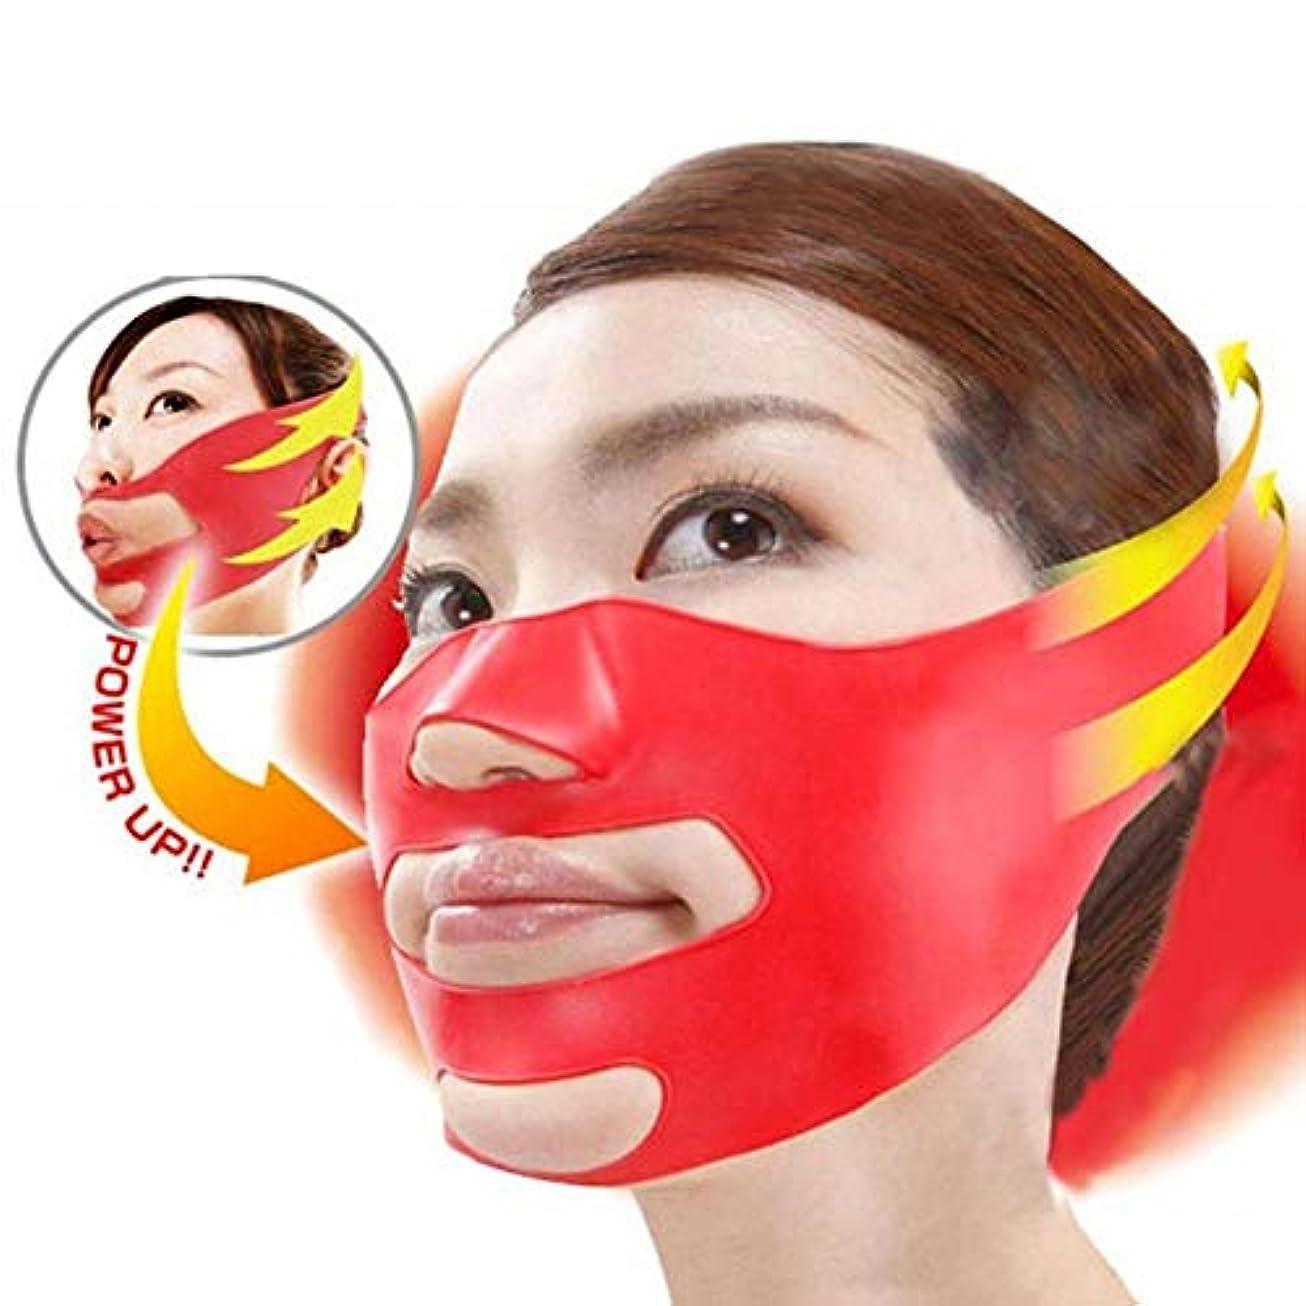 モック誘導含意1ピース3dフェイスリフトツールフェイシャルシェイパーv頬リフトアップフェイスマスク痩身マスクベルト包帯成形整形スリム女性美容ツール